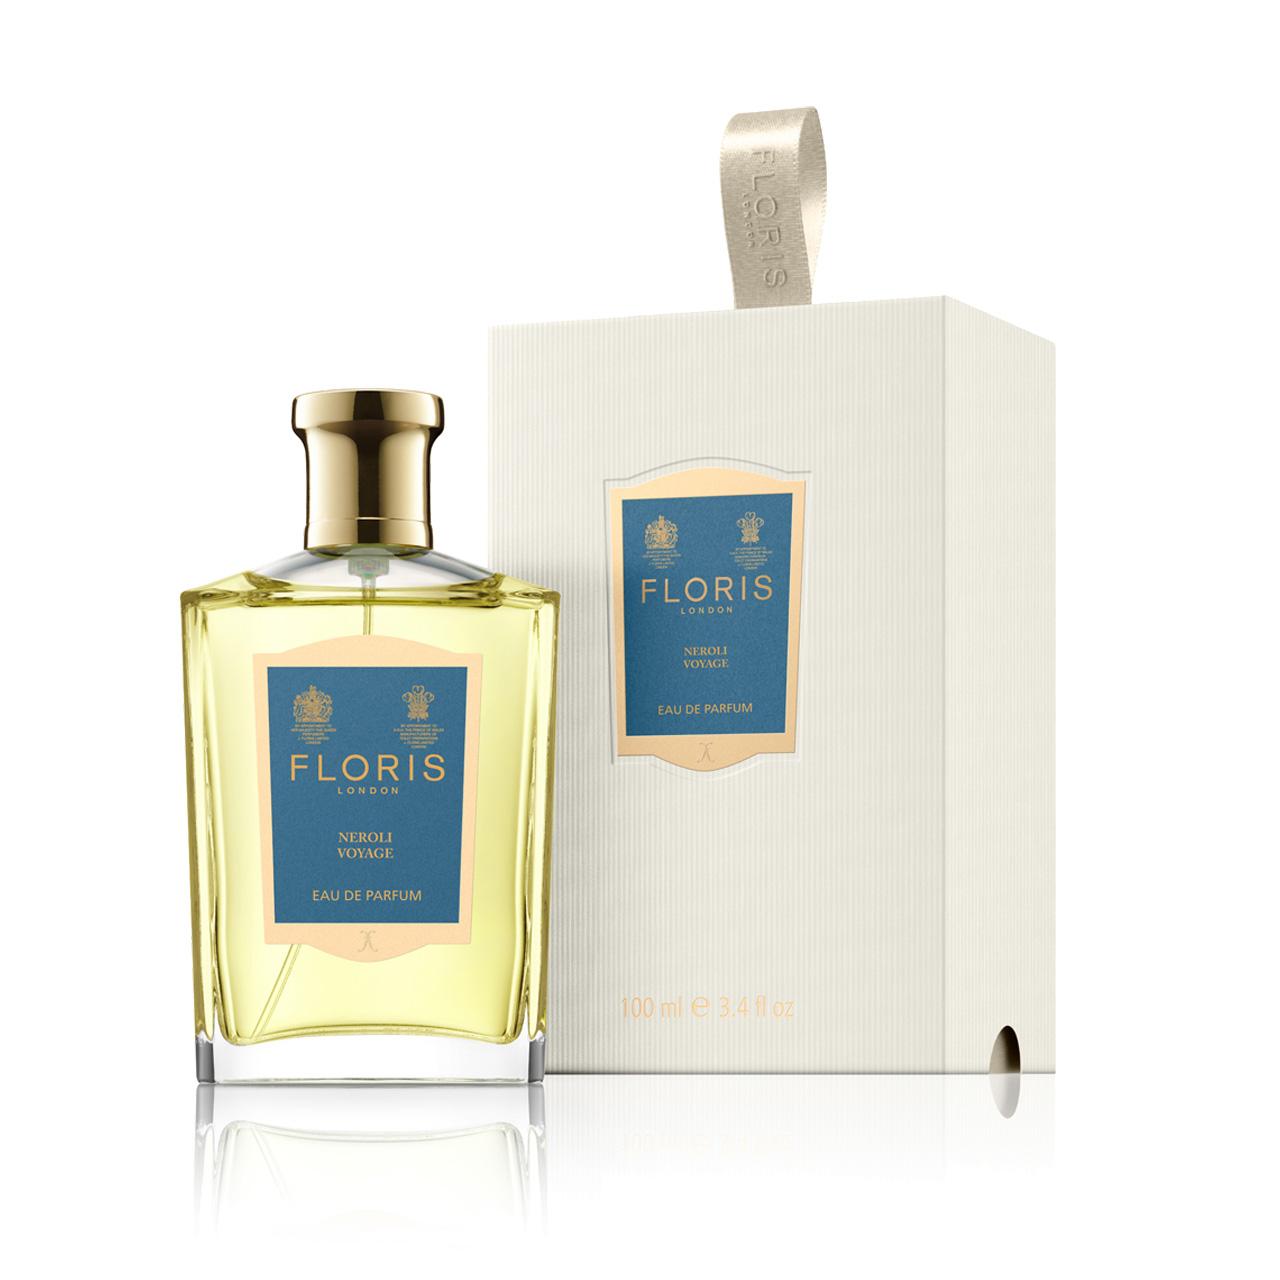 Neroli Voyage - Eau de Parfum - Private Collection